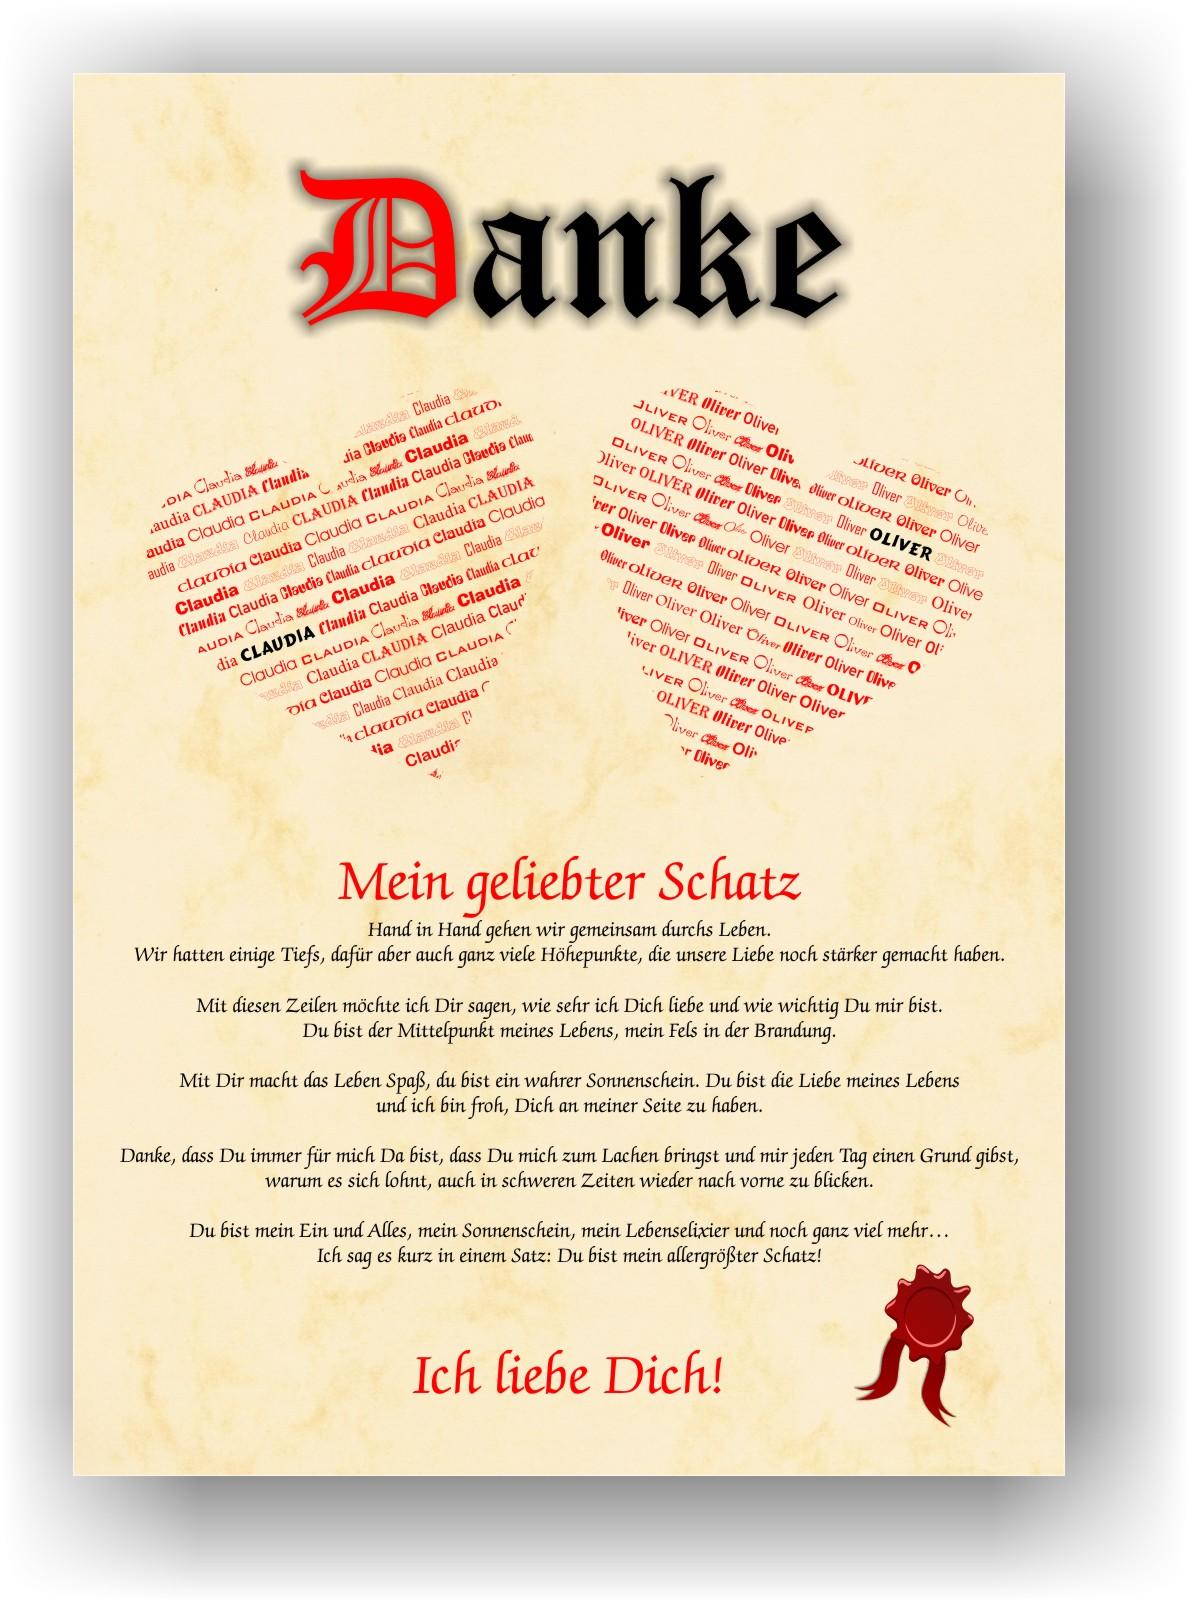 Details Zu Geschenk Valentinstag Jahrestag Hochzeitstag Partner Mann Frau Liebeserklärung